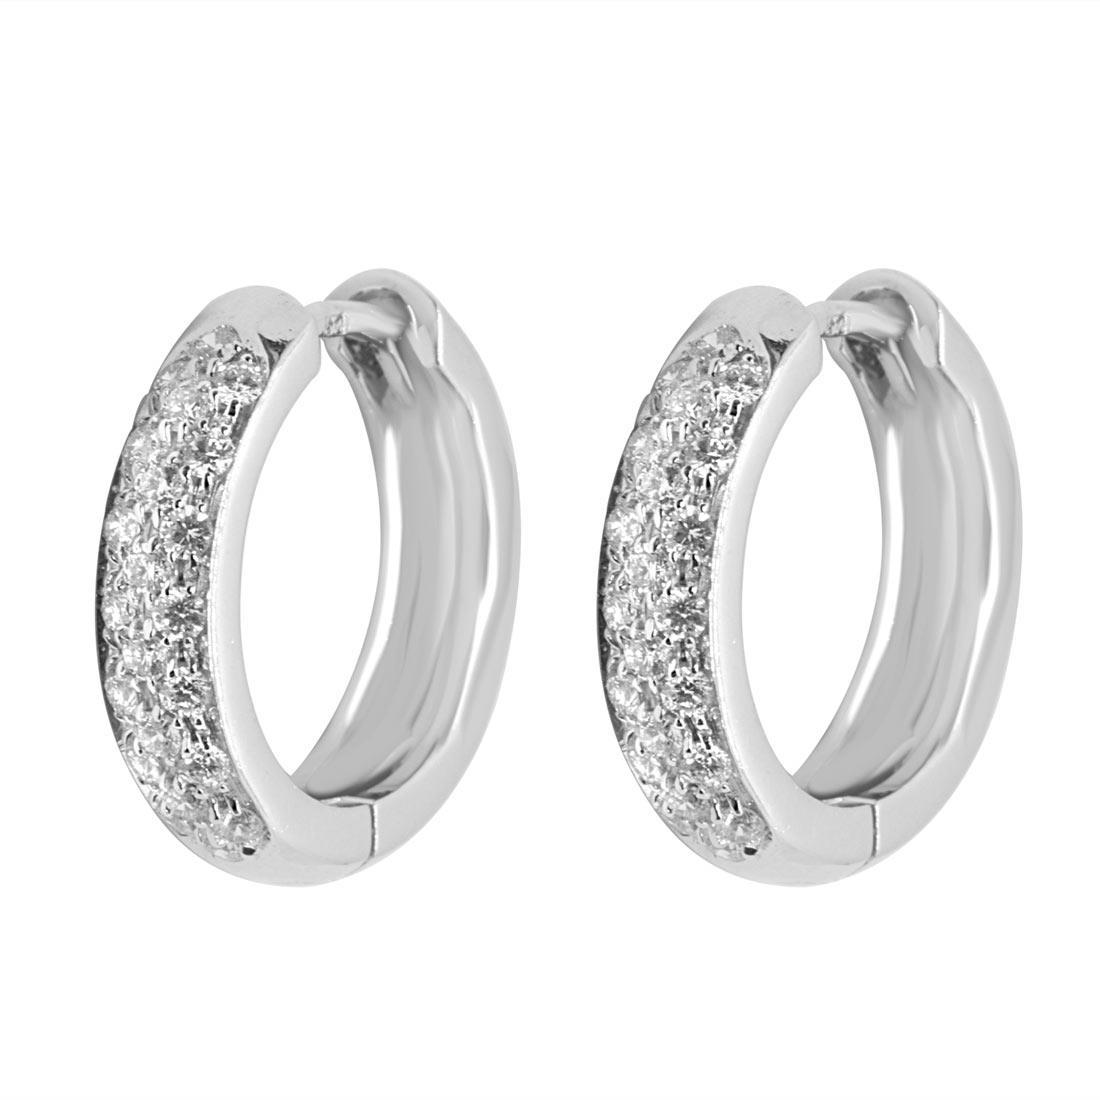 Orecchini a cerchio in oro bianco con diamanti 0,56 ct - ALFIERI & ST. JOHN